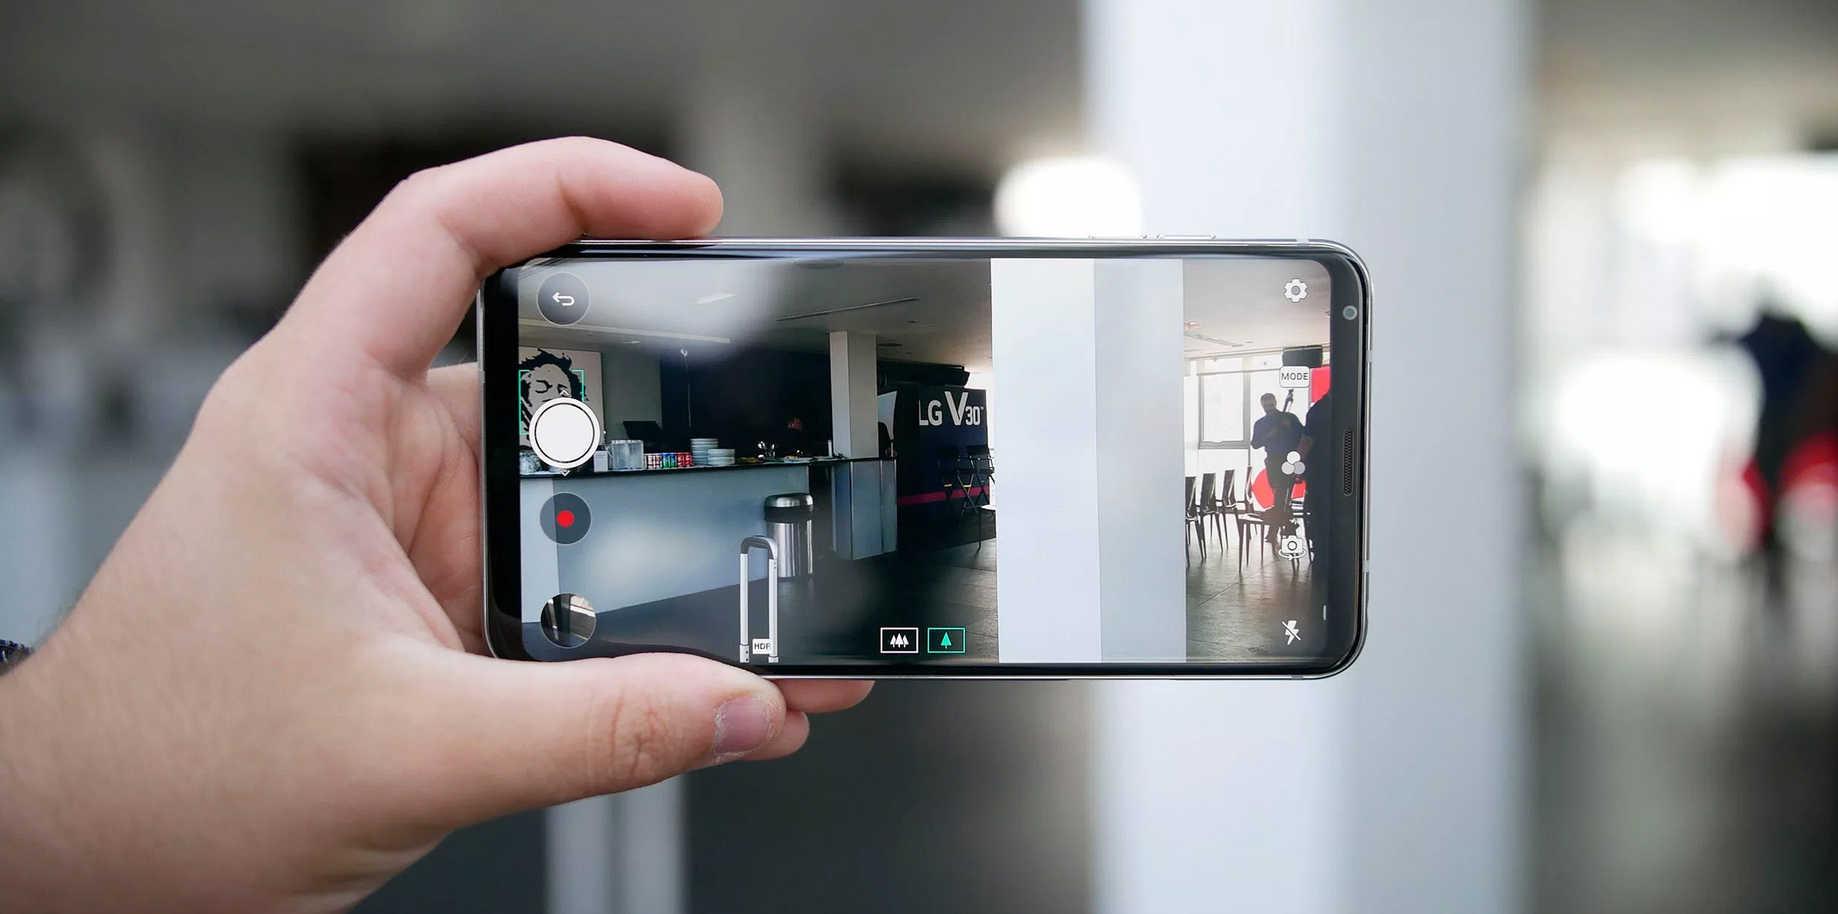 TOP 3 smartphones with best camera